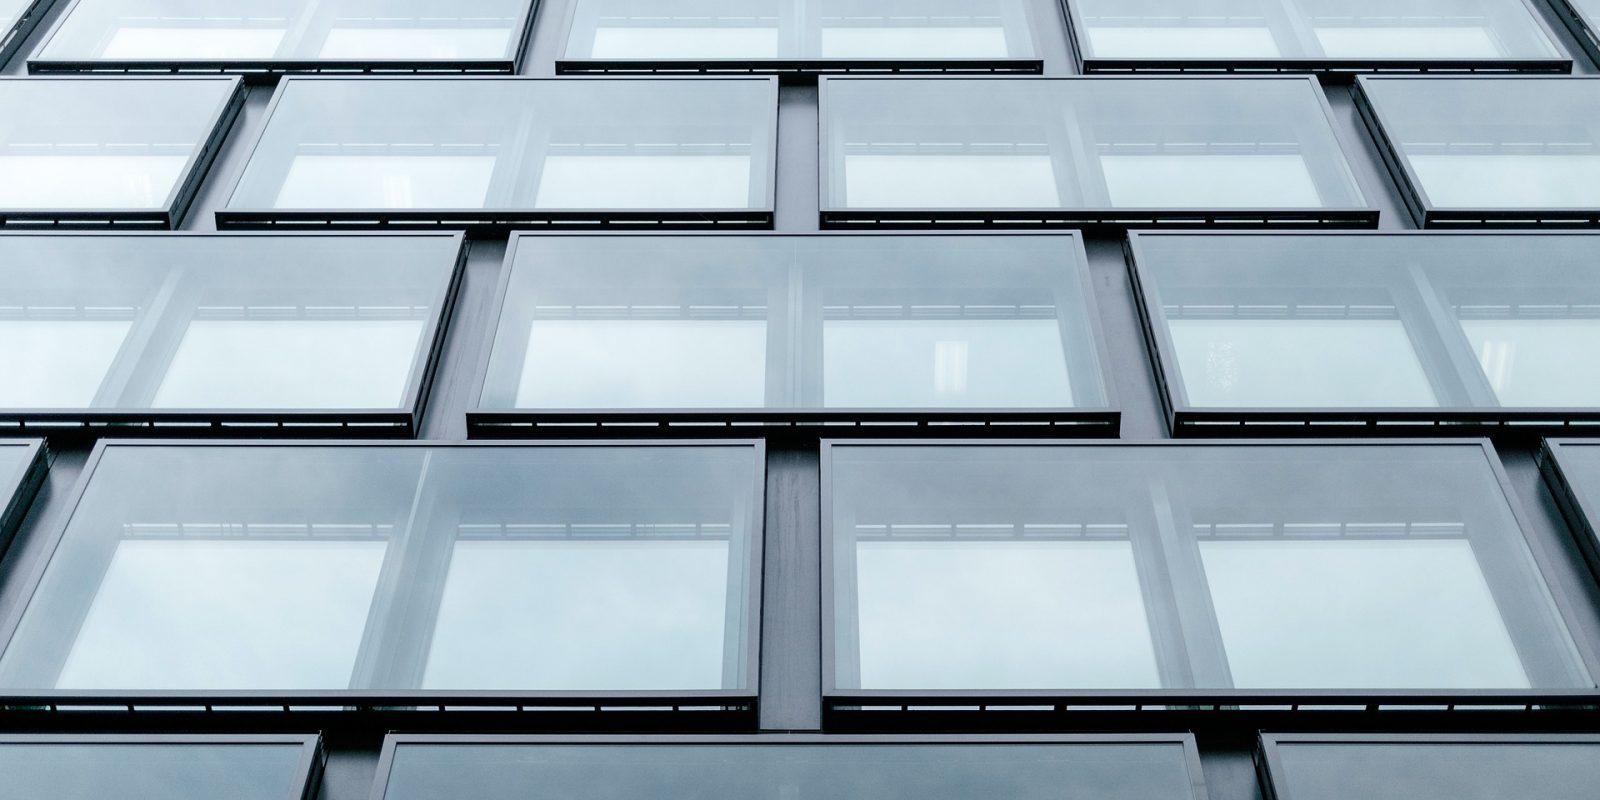 architecture-1869180_1920 - par Pexels